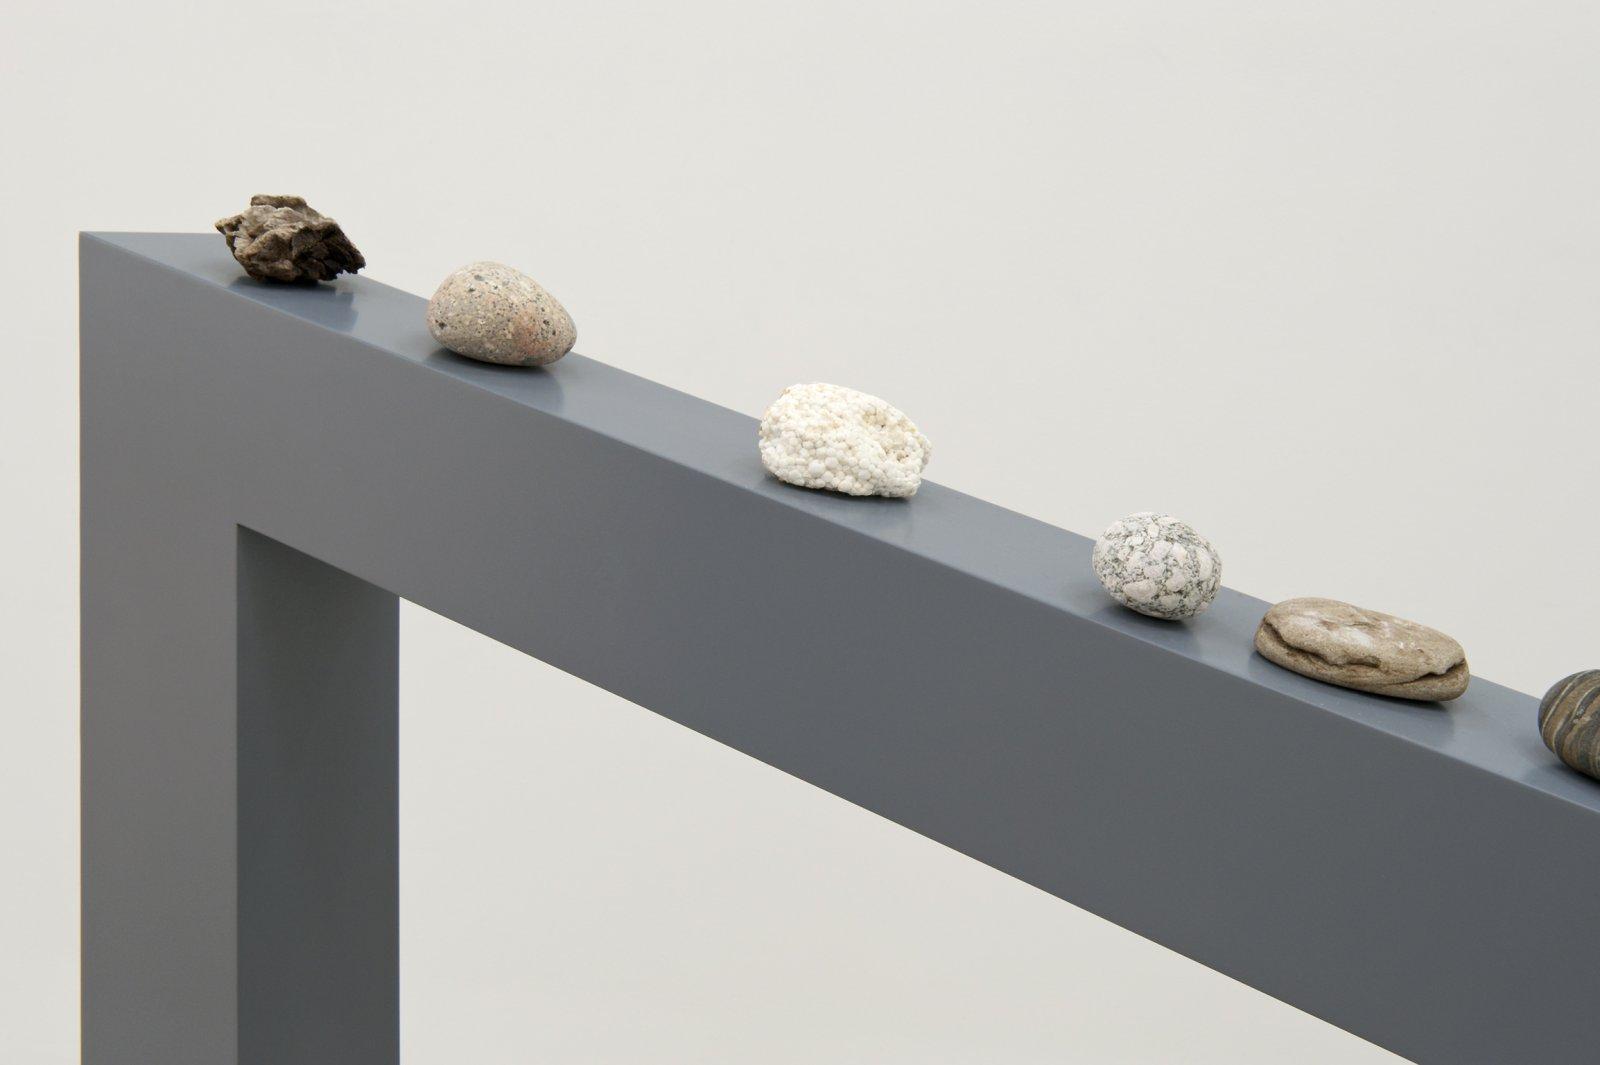 Judy Radul, Motivation (detail), 2012, rocks, wood, 45 x 44 x 5 in. (114 x 110 x 11 cm) by Judy Radul